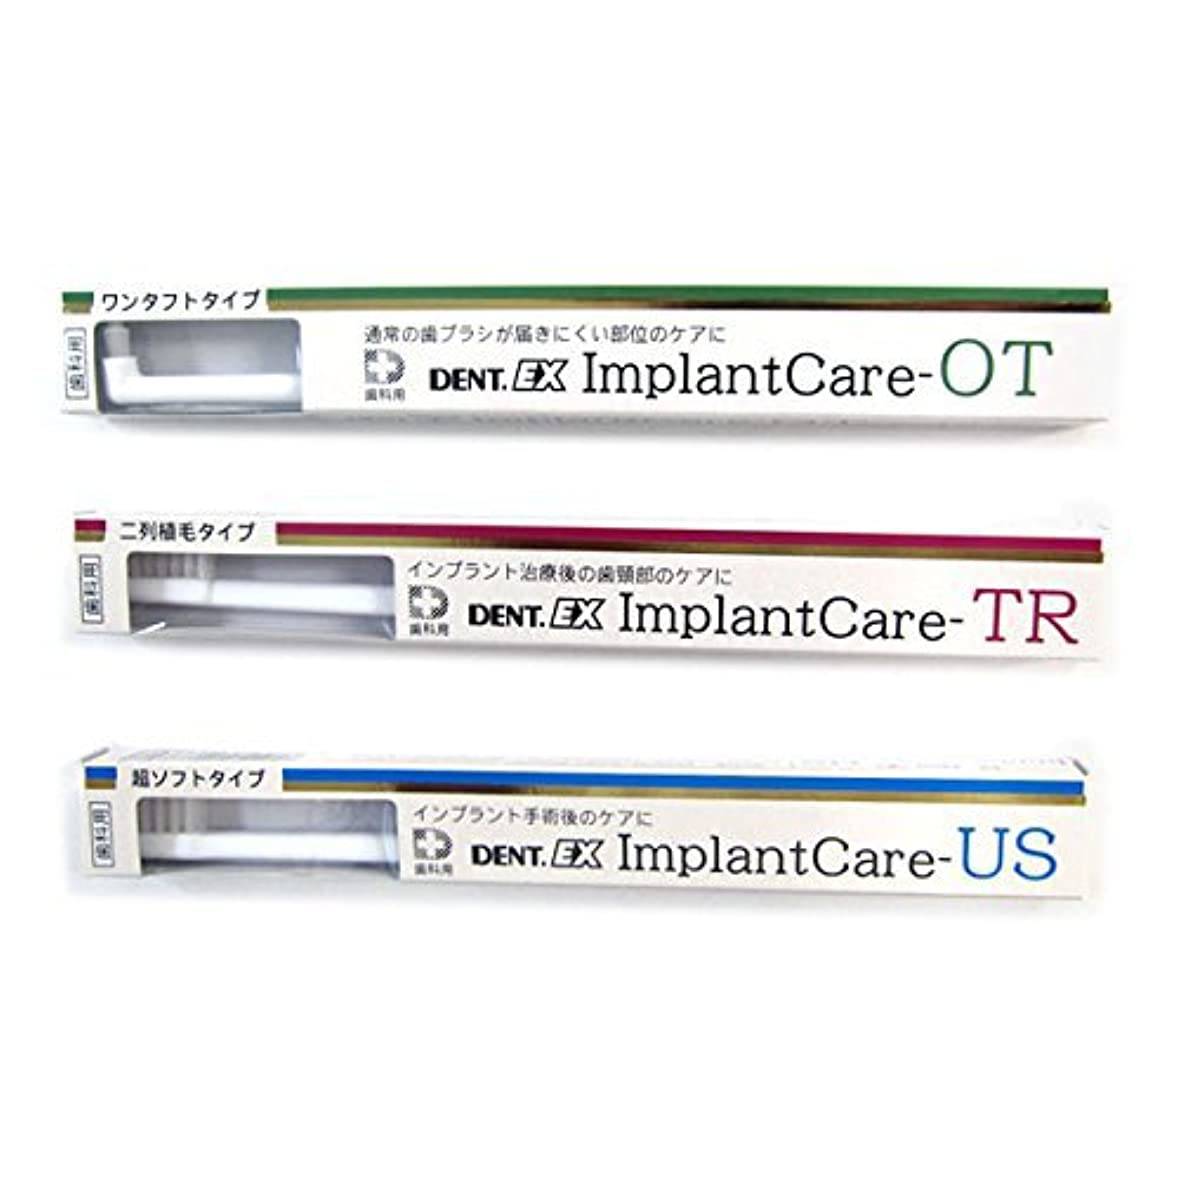 私たち自身ストレンジャークラシカルデント DENT EX ImplantCare インプラントケア 単品 OT(ワンタフト)